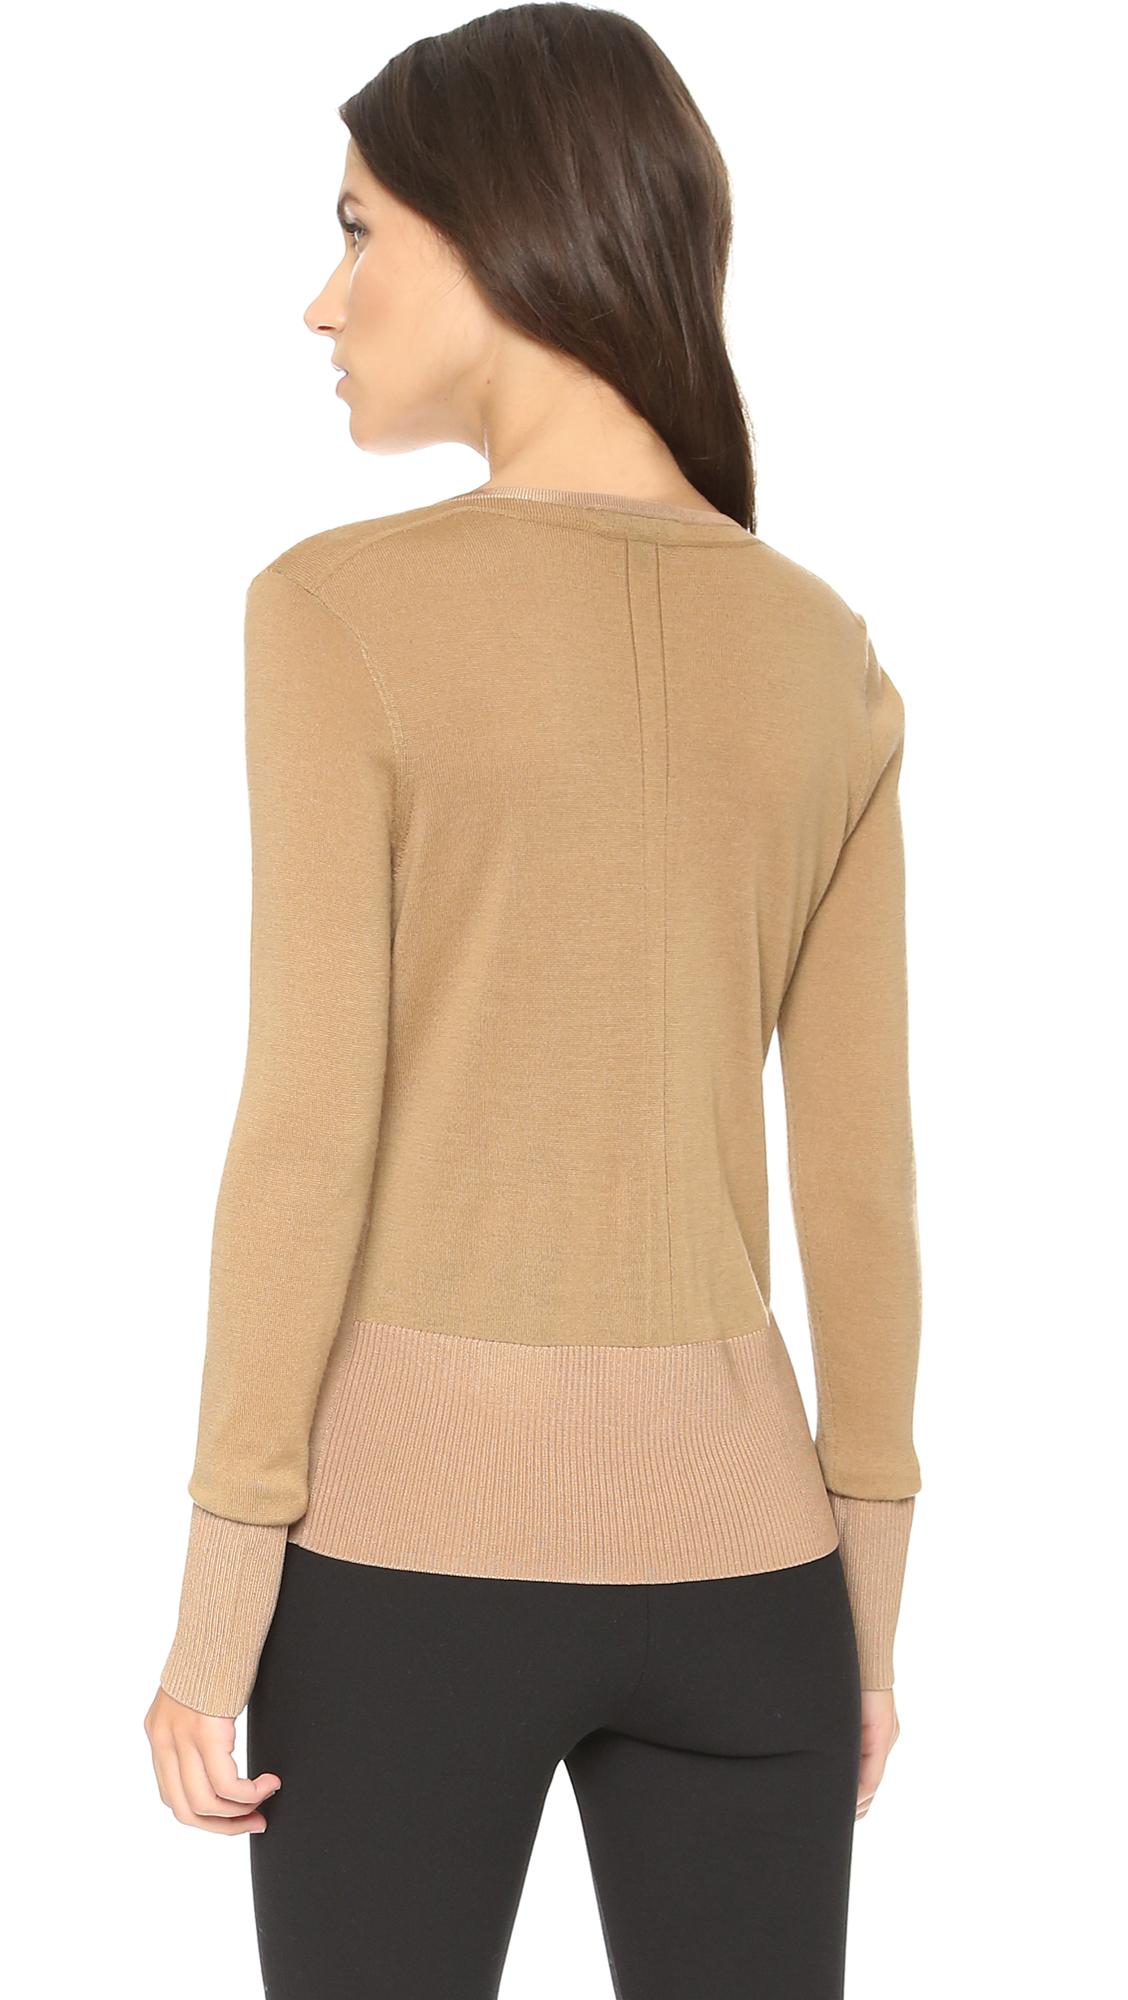 Tan Sweater Womens Her Sweater